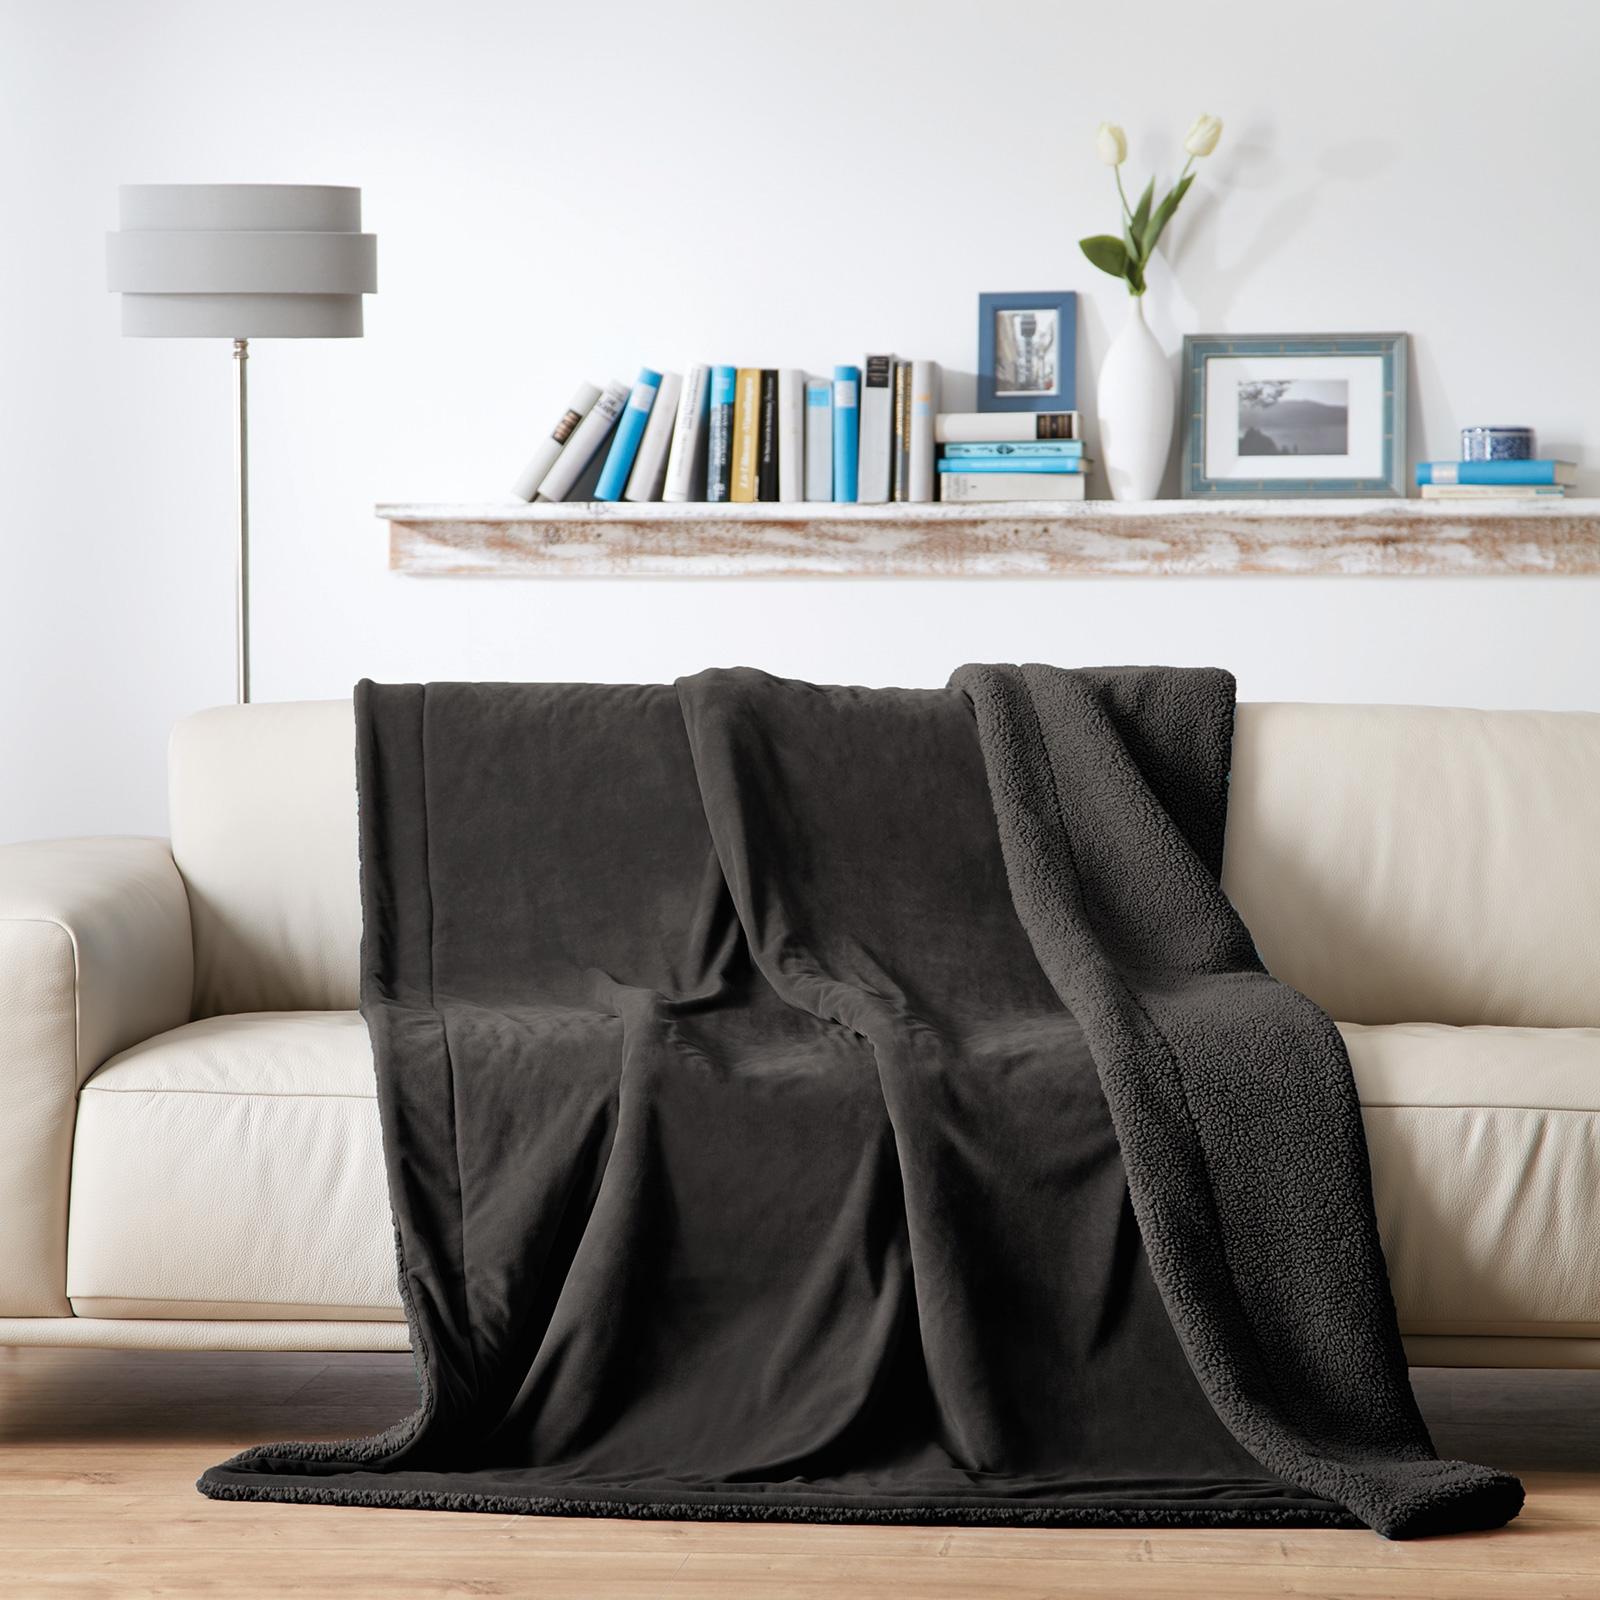 Wohndecken und Kissen - Gözze Luxus Wohndecke Samt Velours, Rückseite mit kuscheliger Schaffell Optik 150x200 anthrazit  - Onlineshop PremiumShop321